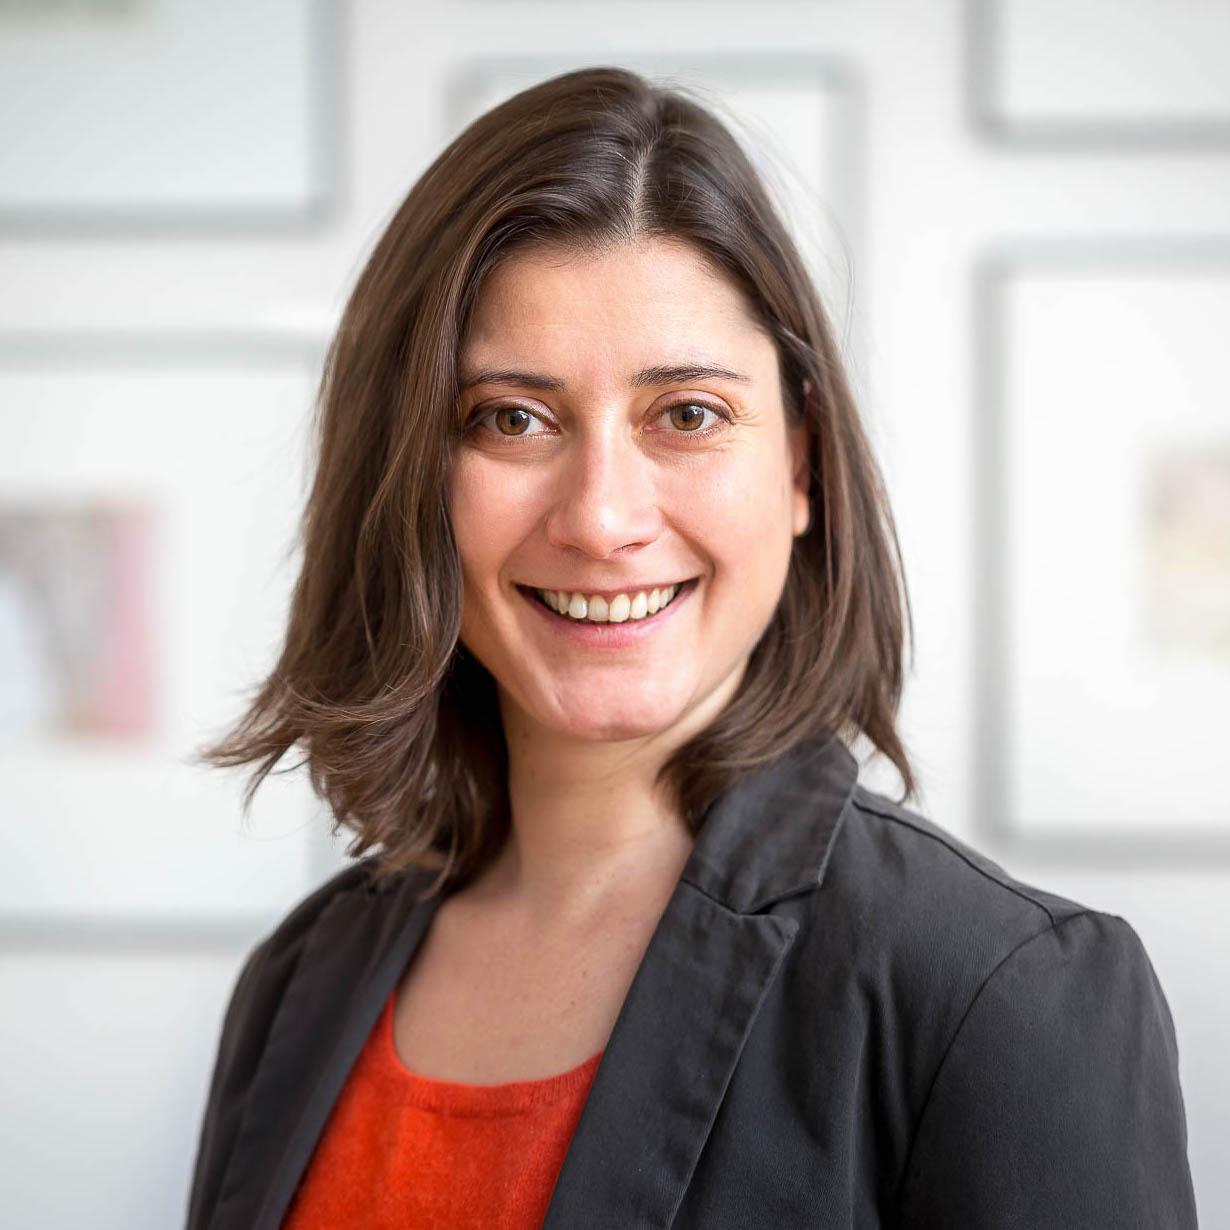 Mirella Simeonova